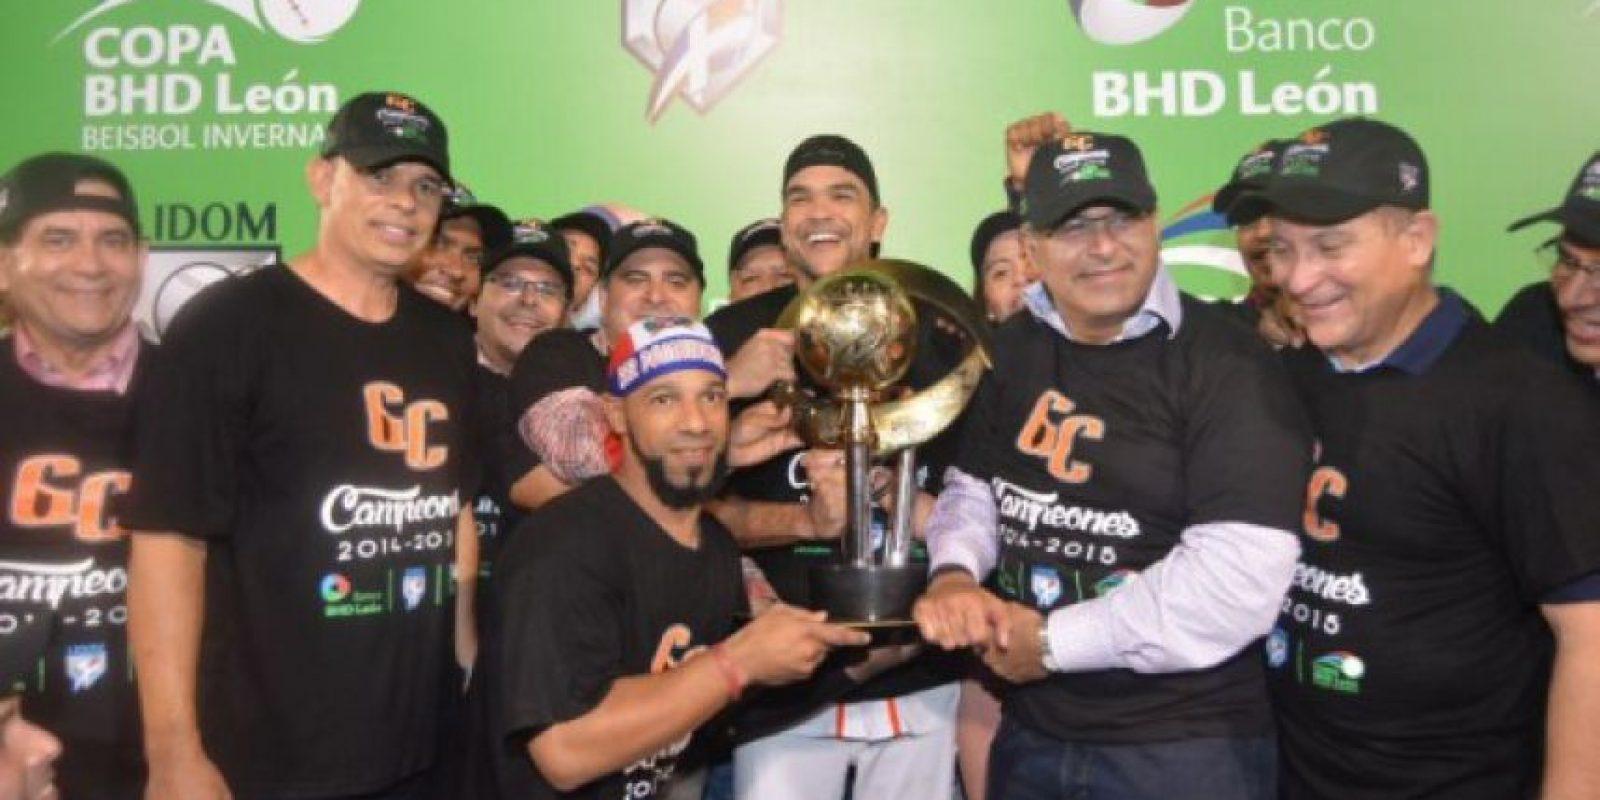 Cibao Cibao, dueños del cetro. El equipo con sede en San Francisco de Macorís conquistó su primer título de campeón en la historia de su participación en la pelota invernal de la República Dominicana y estuvieron en la primera Serie del Caribe.Para lograr la corona los Gigantes vencieron cinco juegos por tres a las Estrellas Orientales en la final que estaba pautada a nueve partidos. El Jugador Más Valioso fue el lanzador boricua Héctor Santiago, y Audo Vicente quien estuvo en su primer año con la franquicia, conquistó segundo campeonato de la liga. Foto:Fuente Externa